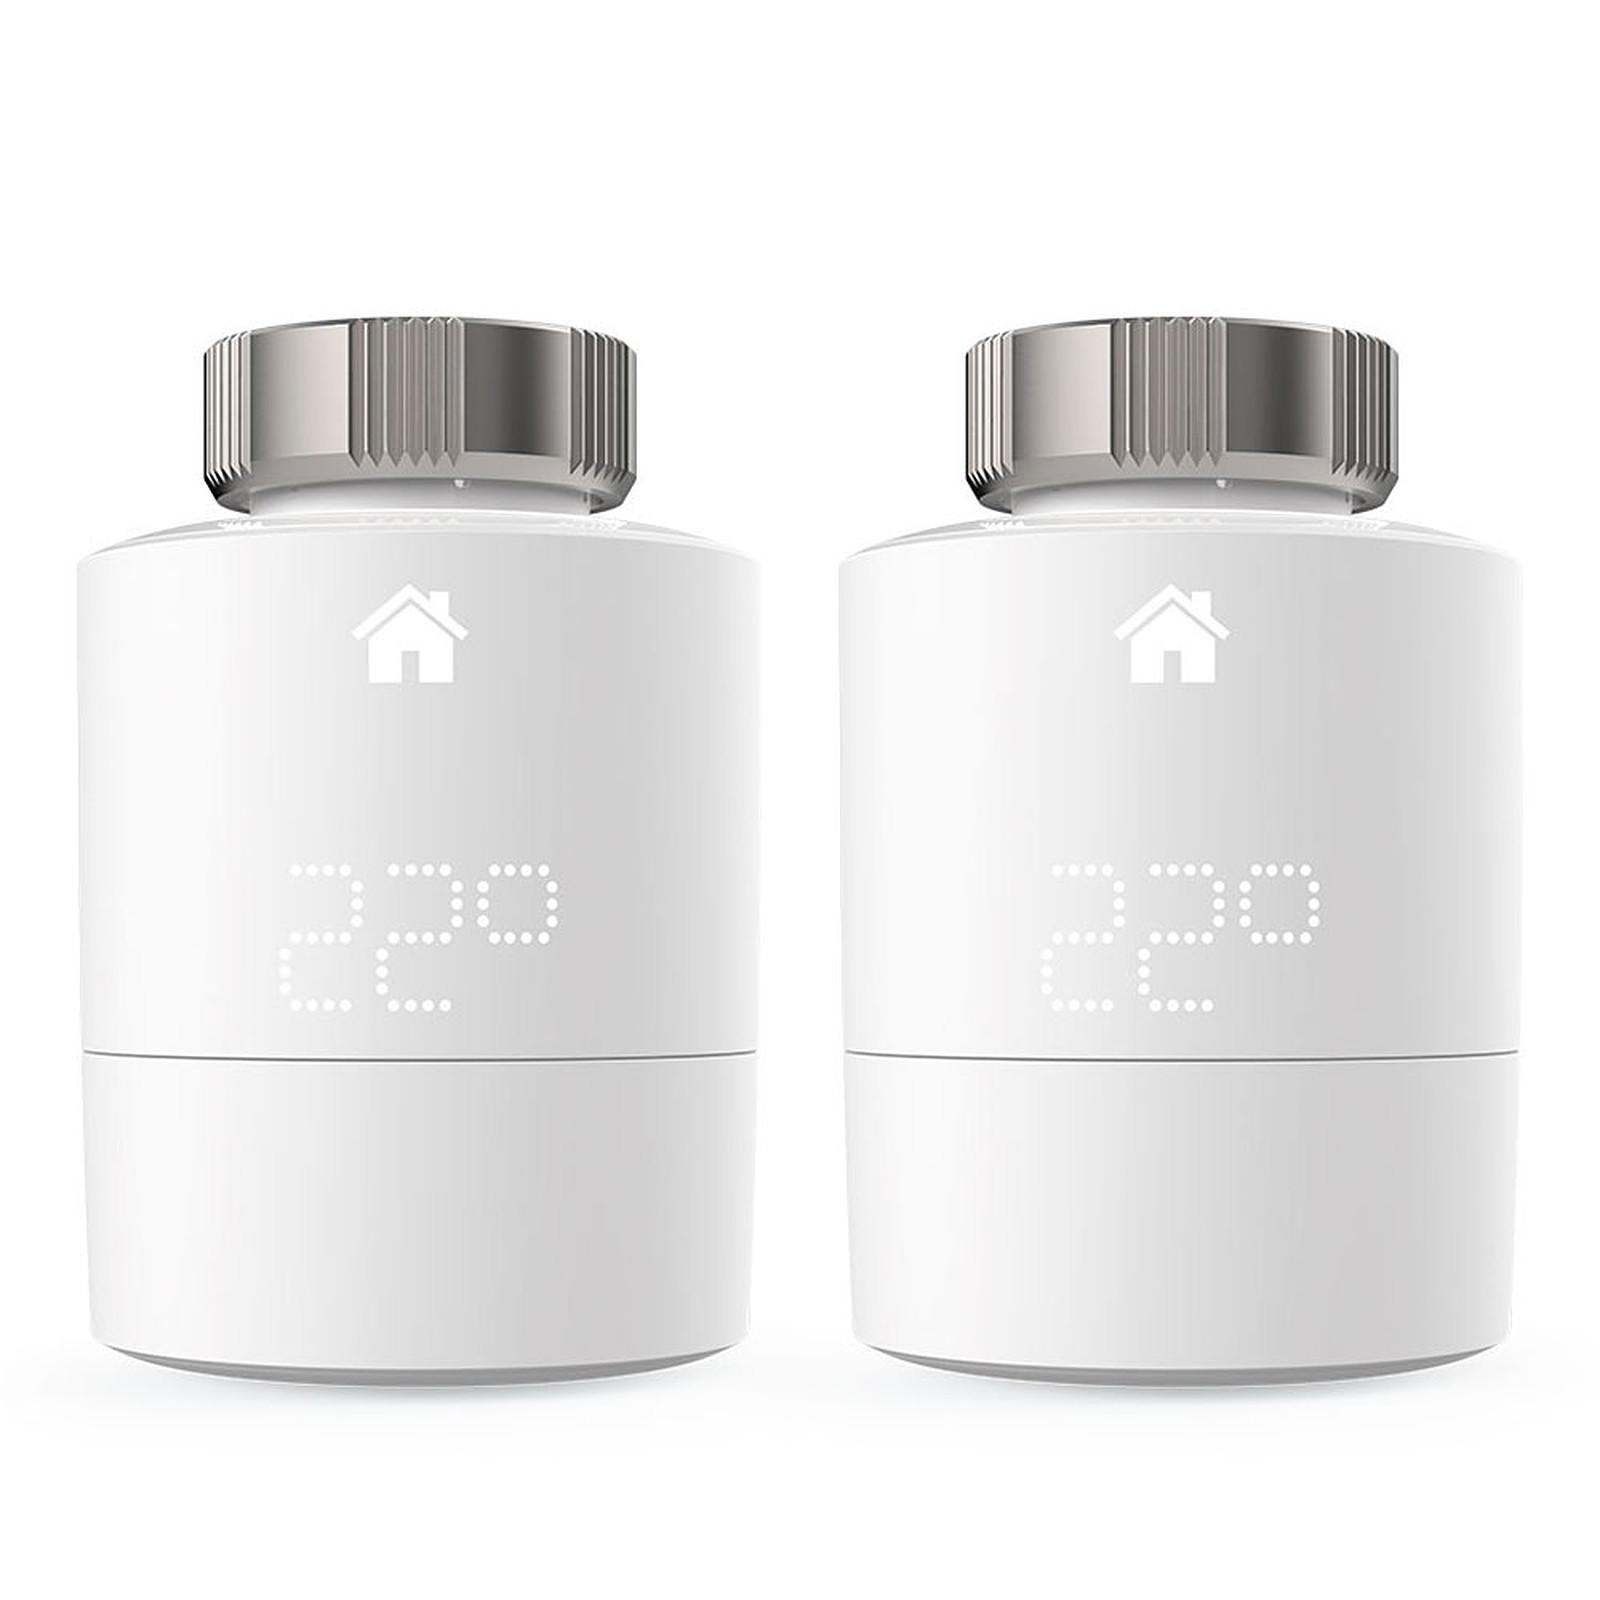 Tado Cabezales termostáticos inteligentes - Duo Pack